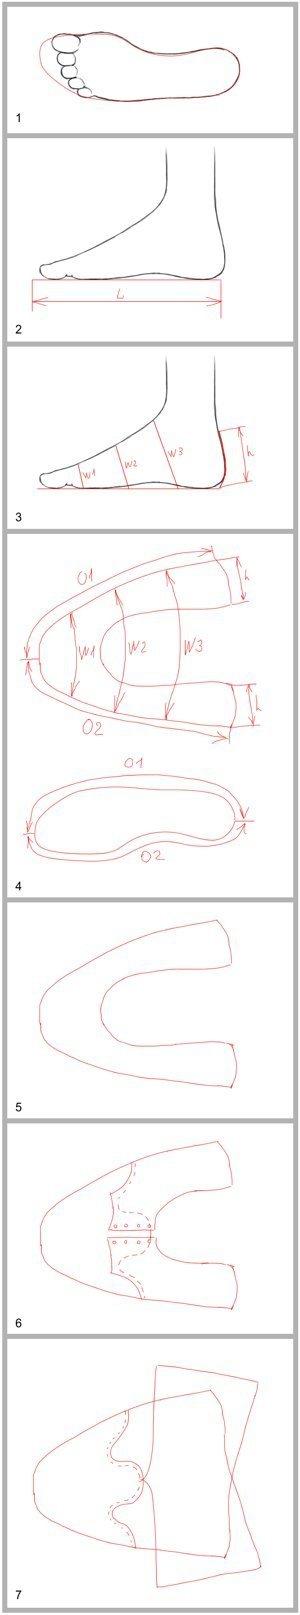 Выкройка обуви. Принципы построения